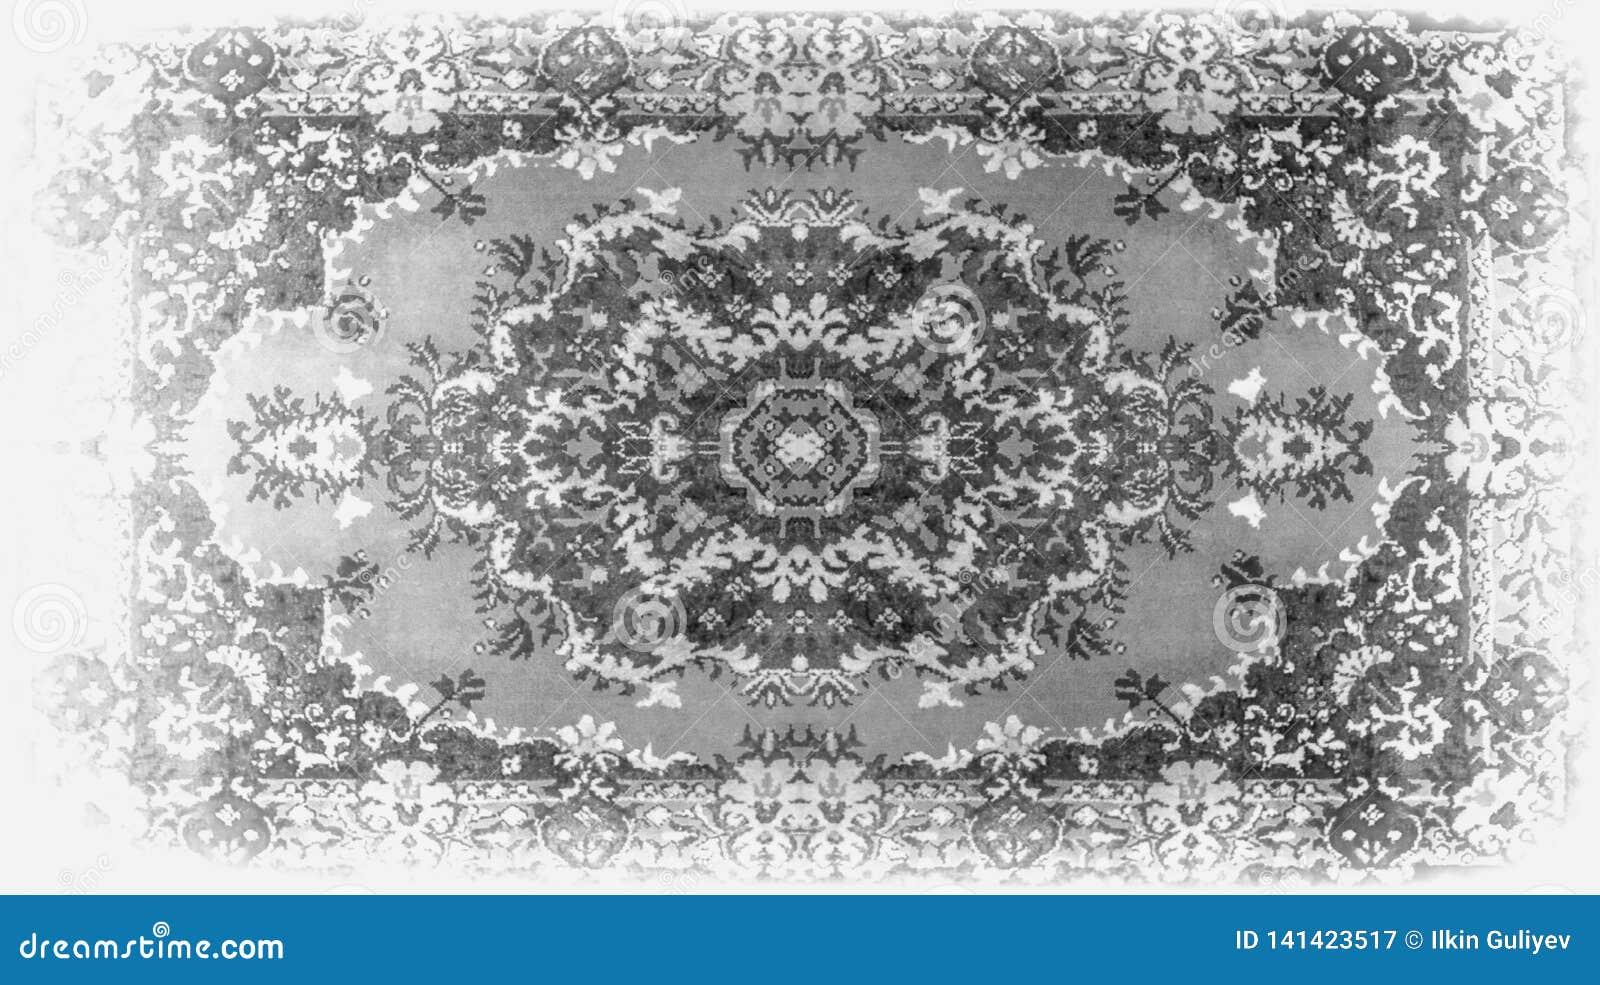 Текстура персидского ковра, абстрактный орнамент Круглая картина мандалы, ближневосточная традиционная текстура ткани ковра бирюз